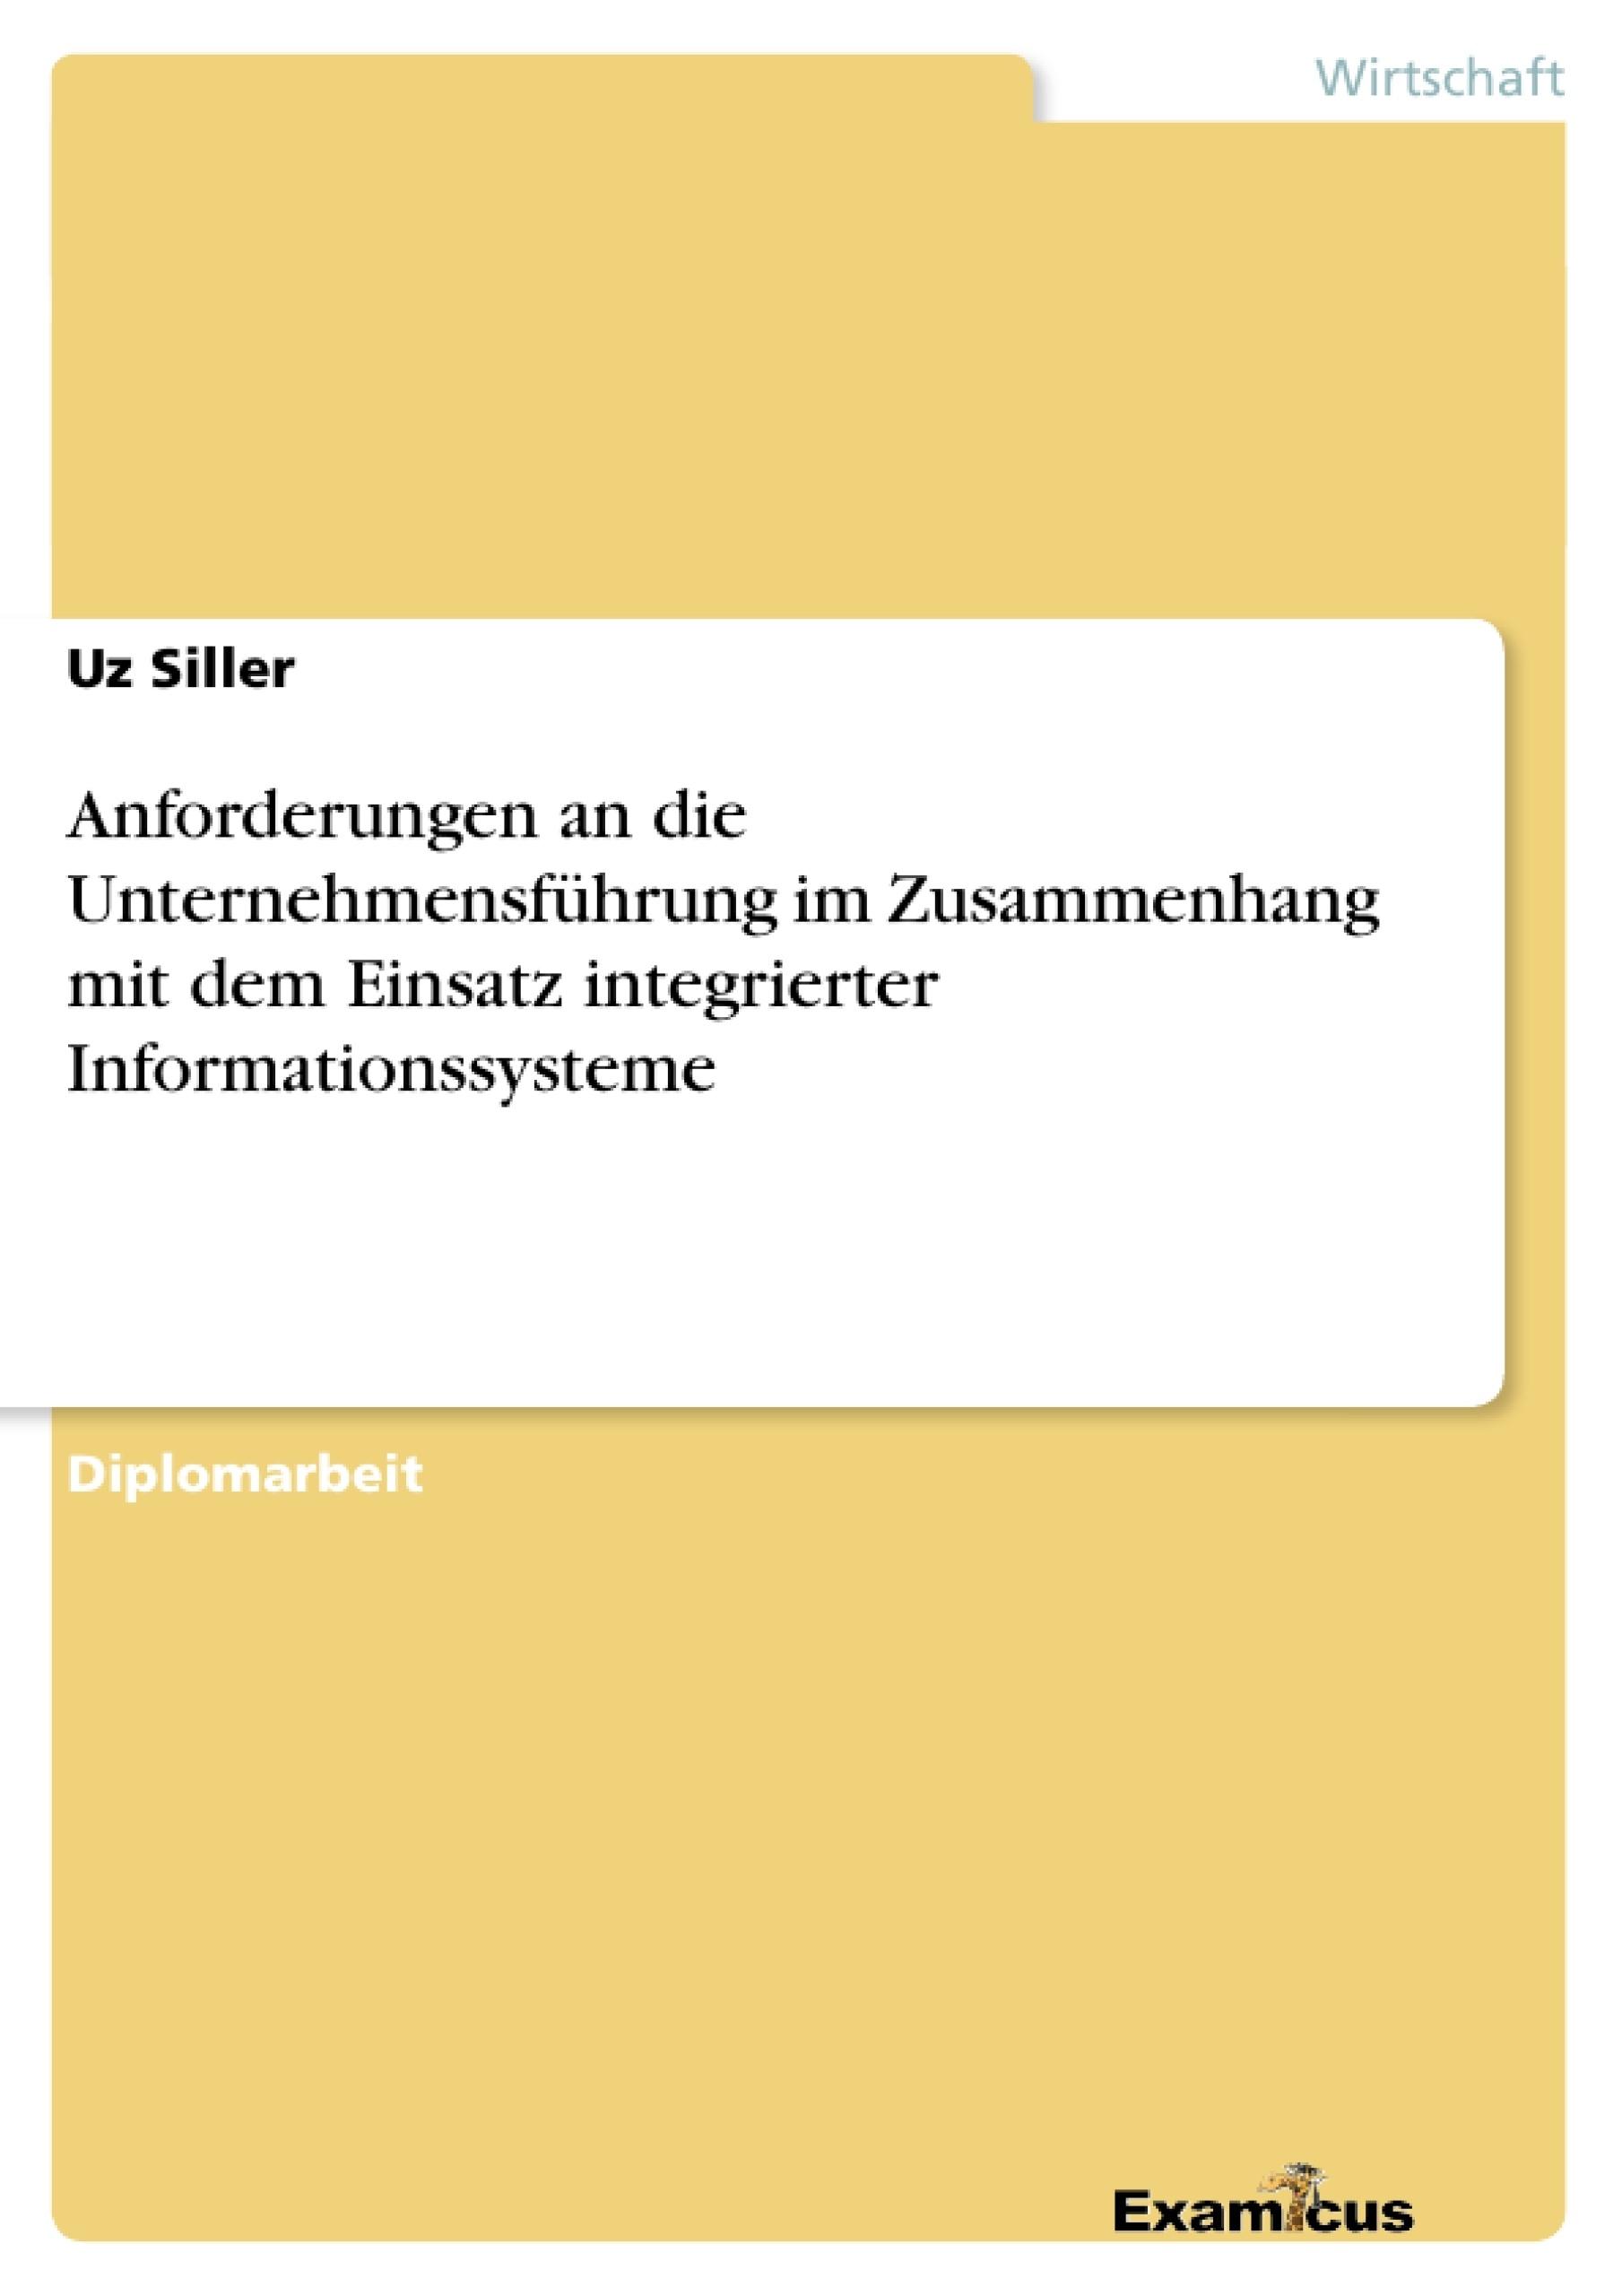 Titel: Anforderungen an die Unternehmensführung im Zusammenhang mit dem Einsatz integrierter Informationssysteme